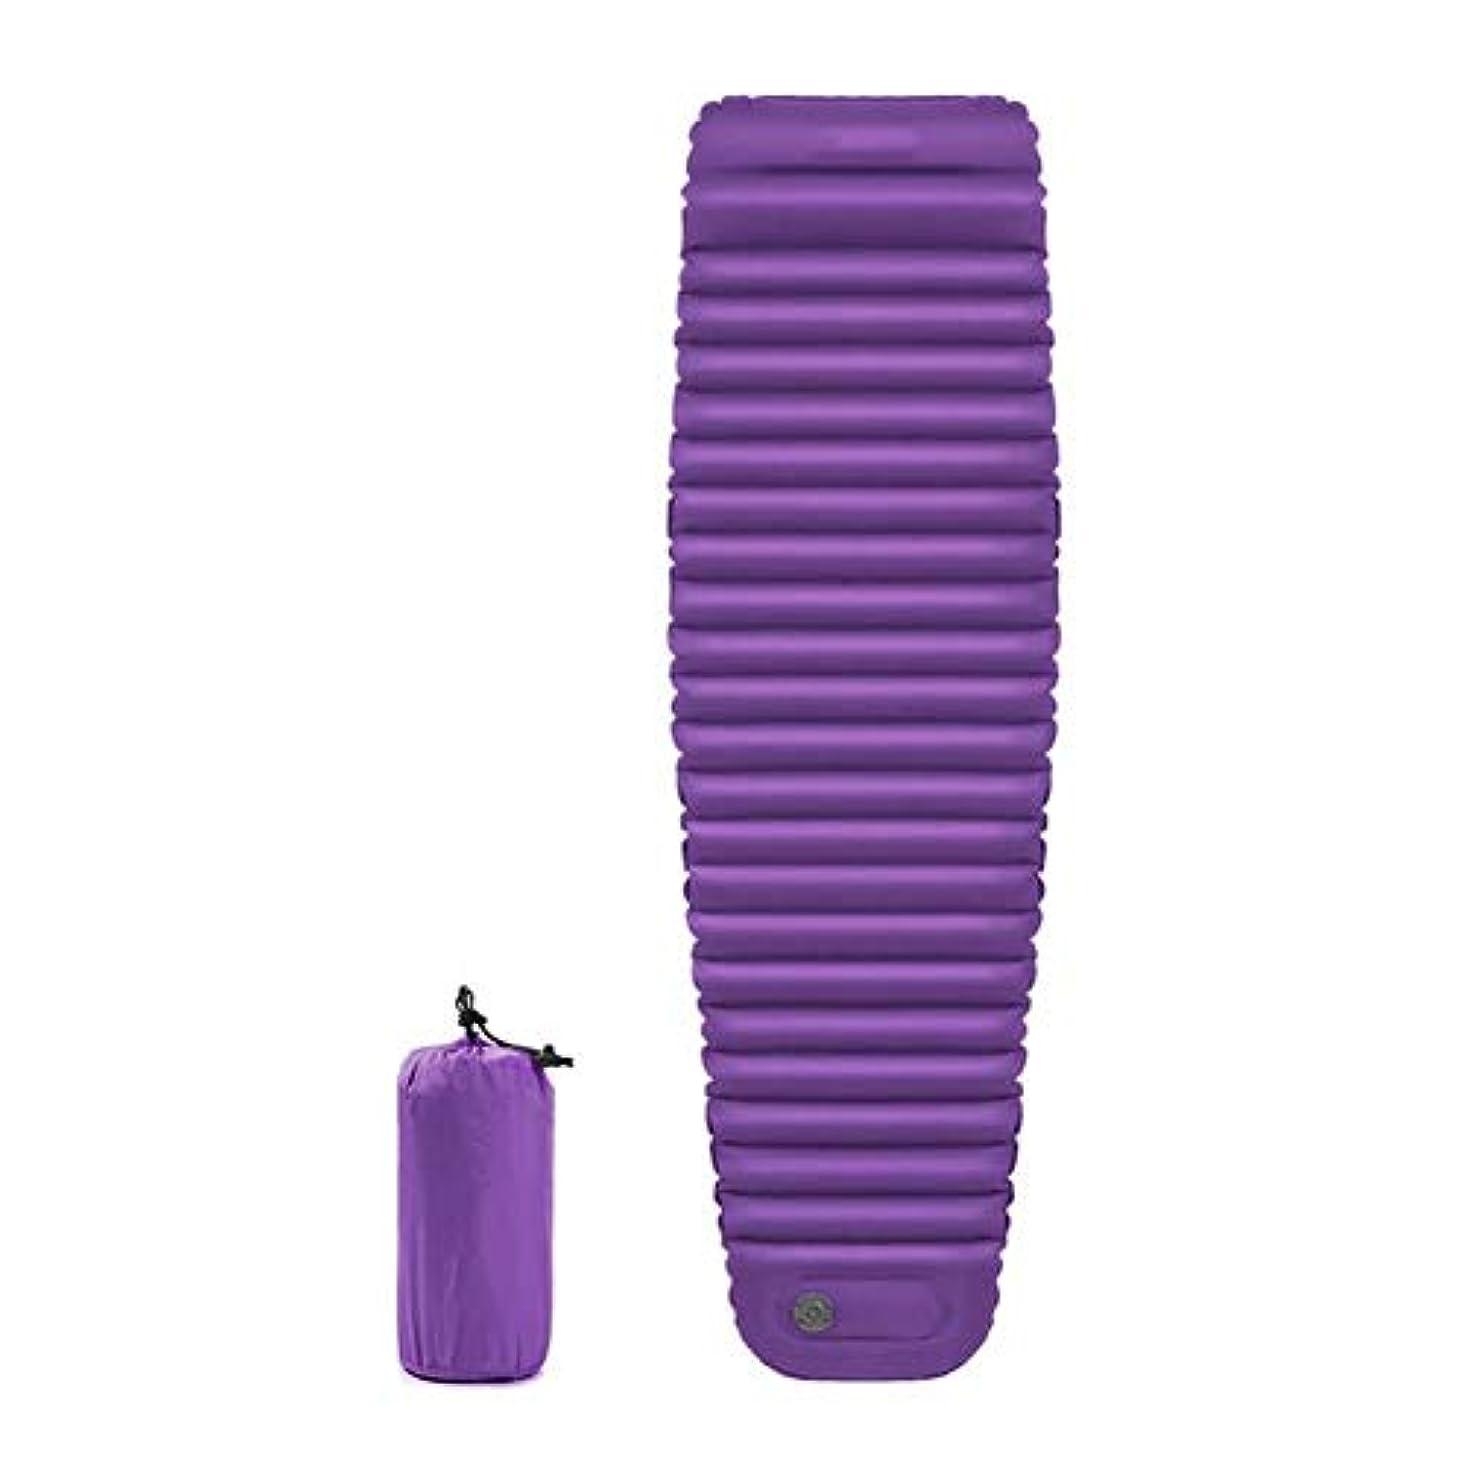 予防接種する鎖背の高いインフレータブル屋外キャンプマット、シングルマットポータブルマットレス肥厚テントクッション付きエアピロープレスインフレパッド (色 : 紫の, サイズ さいず : L l)